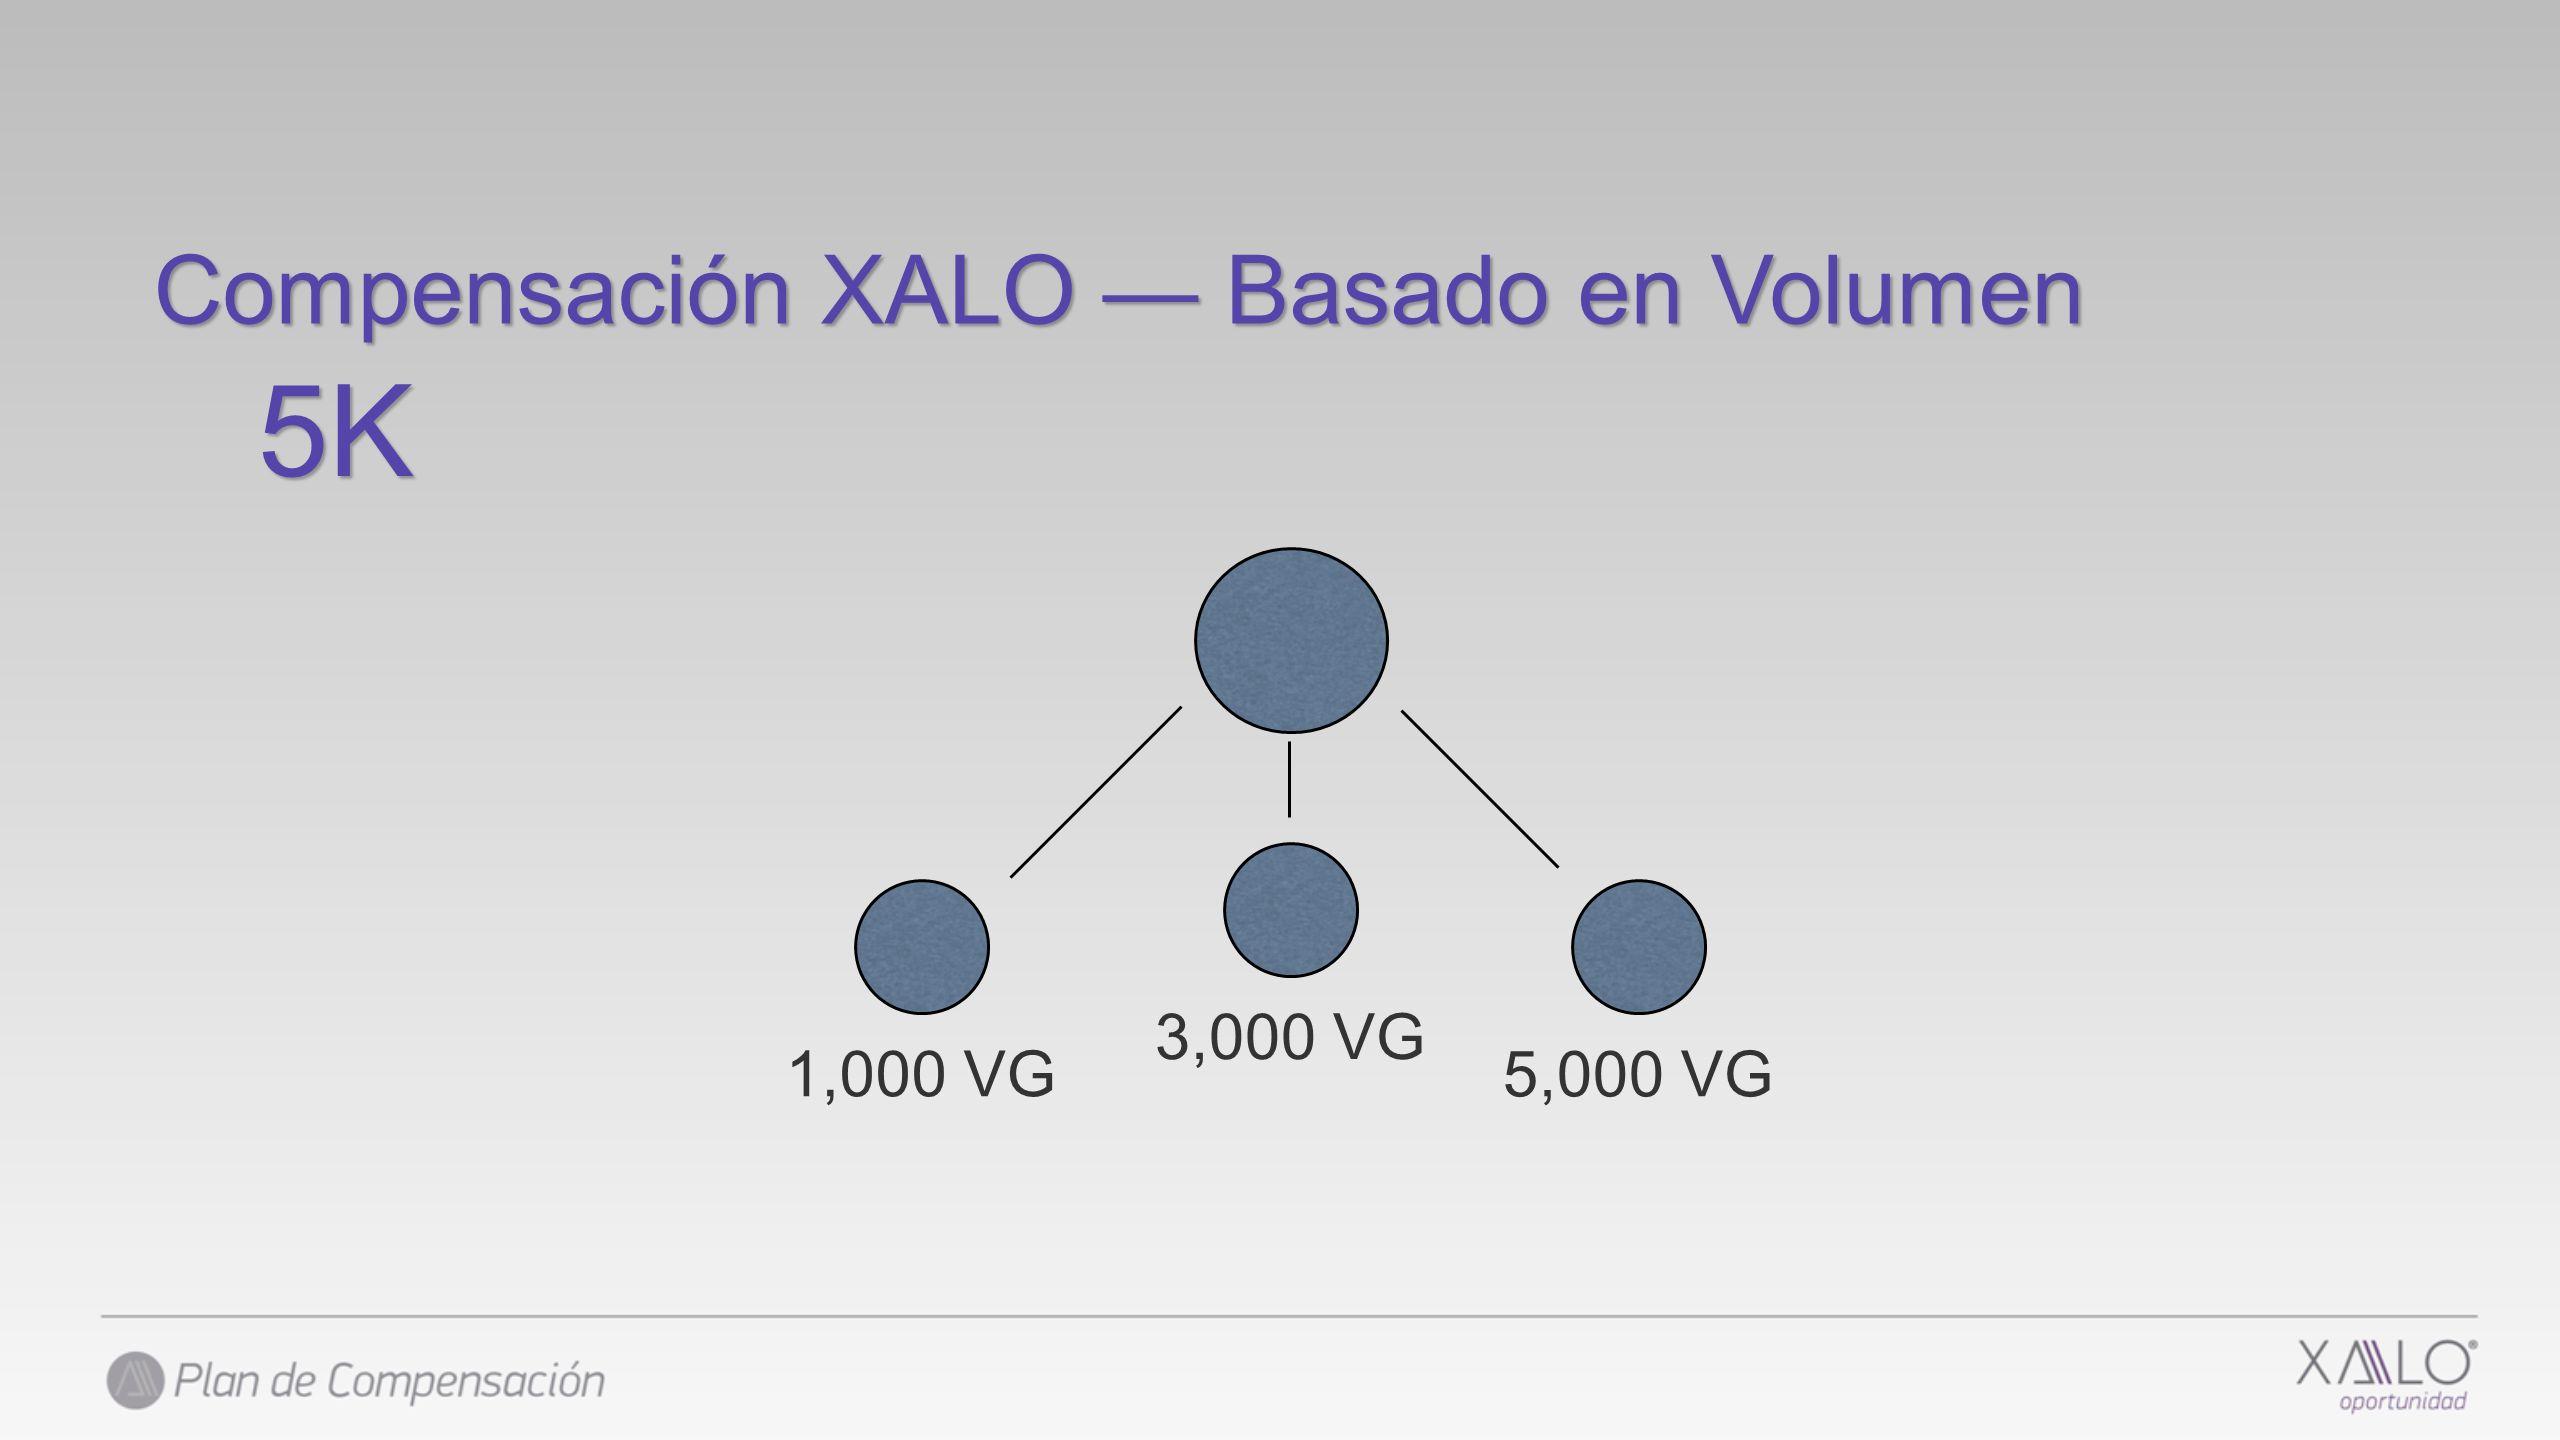 Compensación XALO — Basado en Volumen